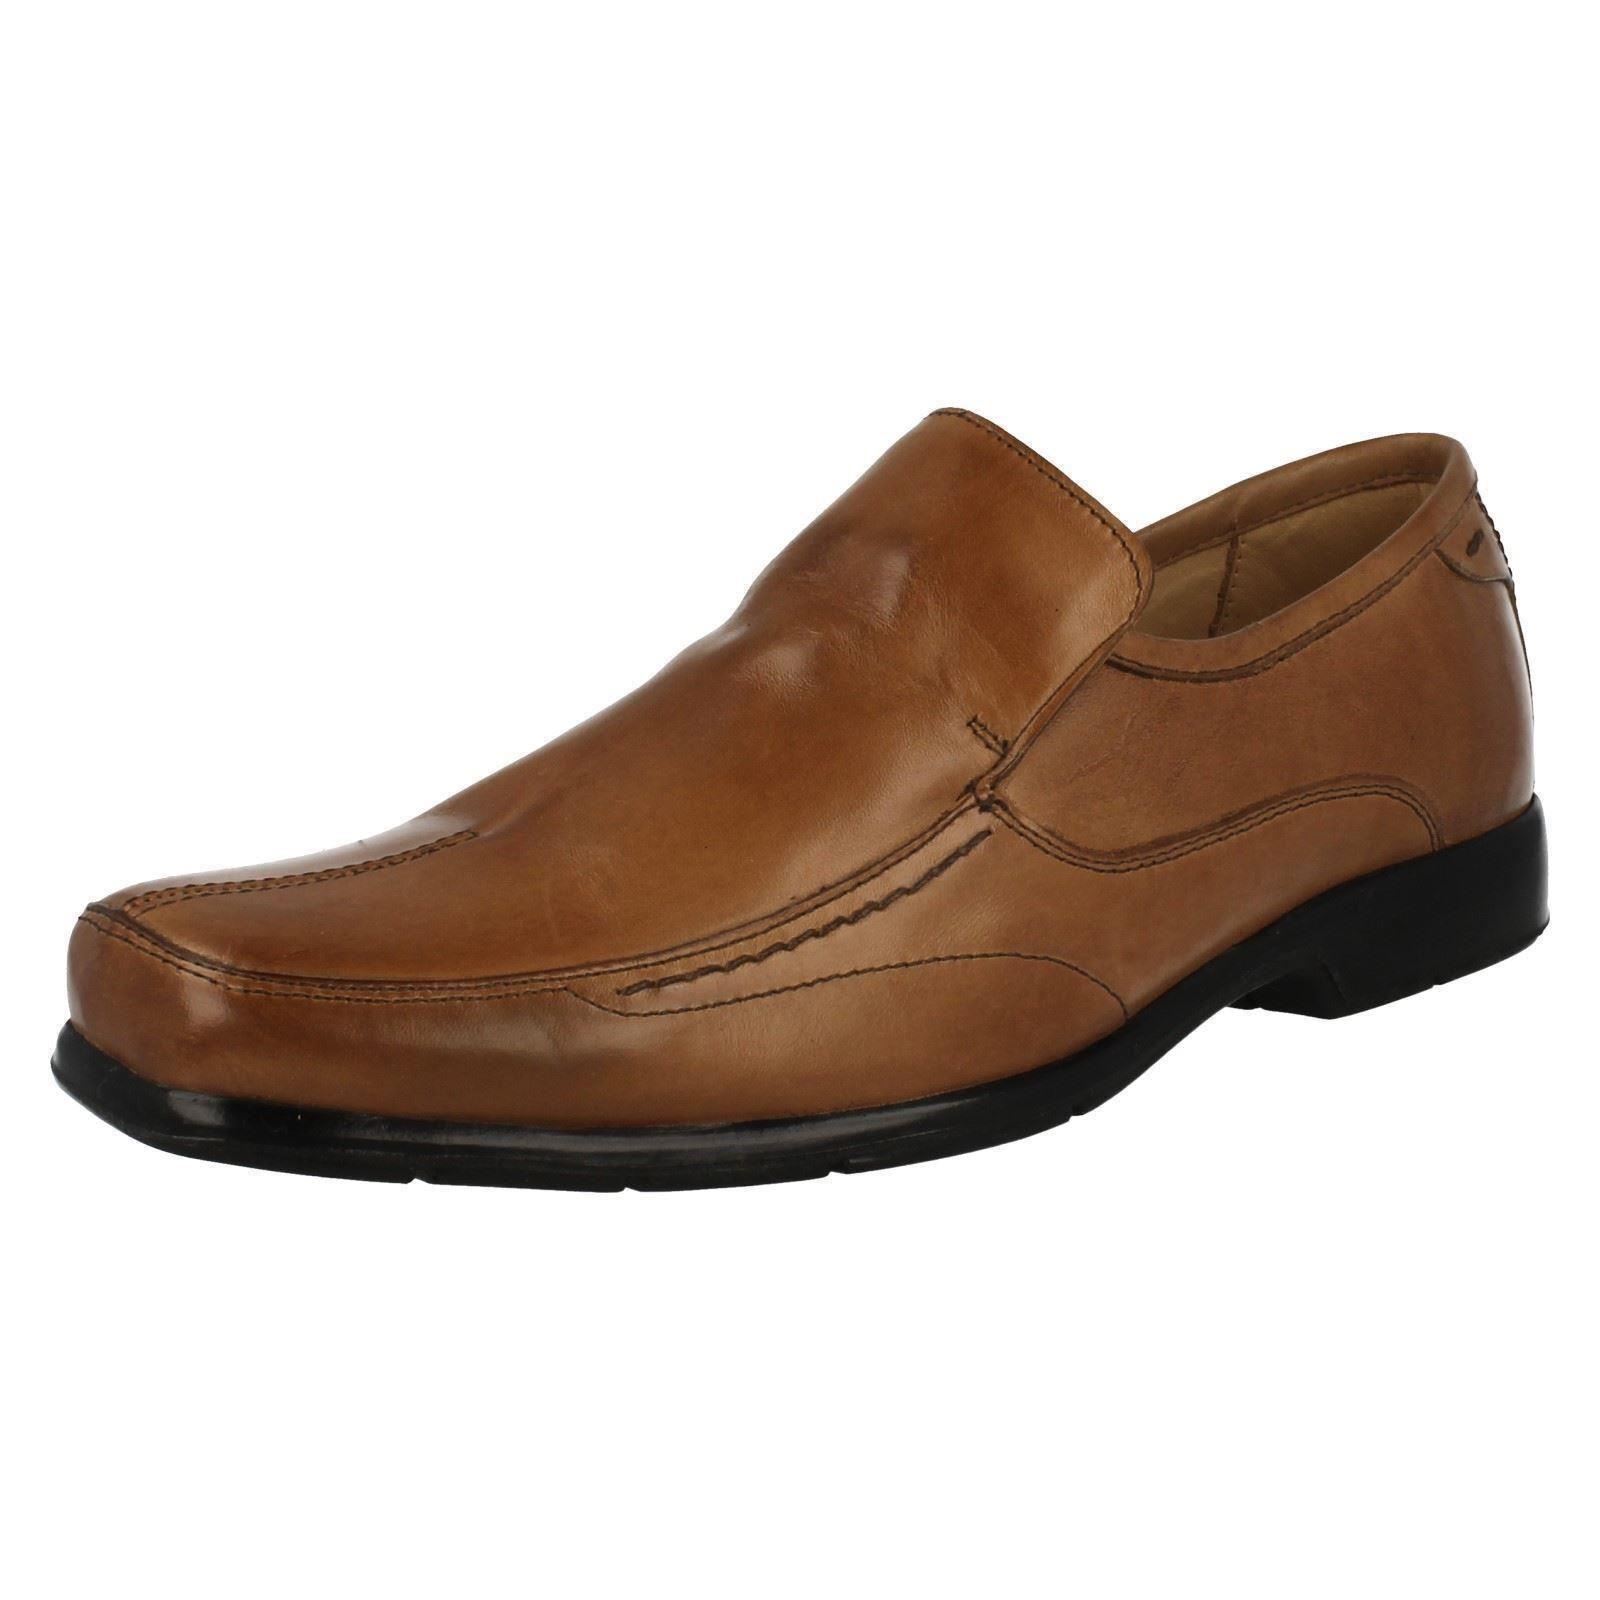 Scarpe casual da uomo  Da Uomo Anatomica & Co Petropolis 323251 Smart in Pelle Mocassini Scarpe